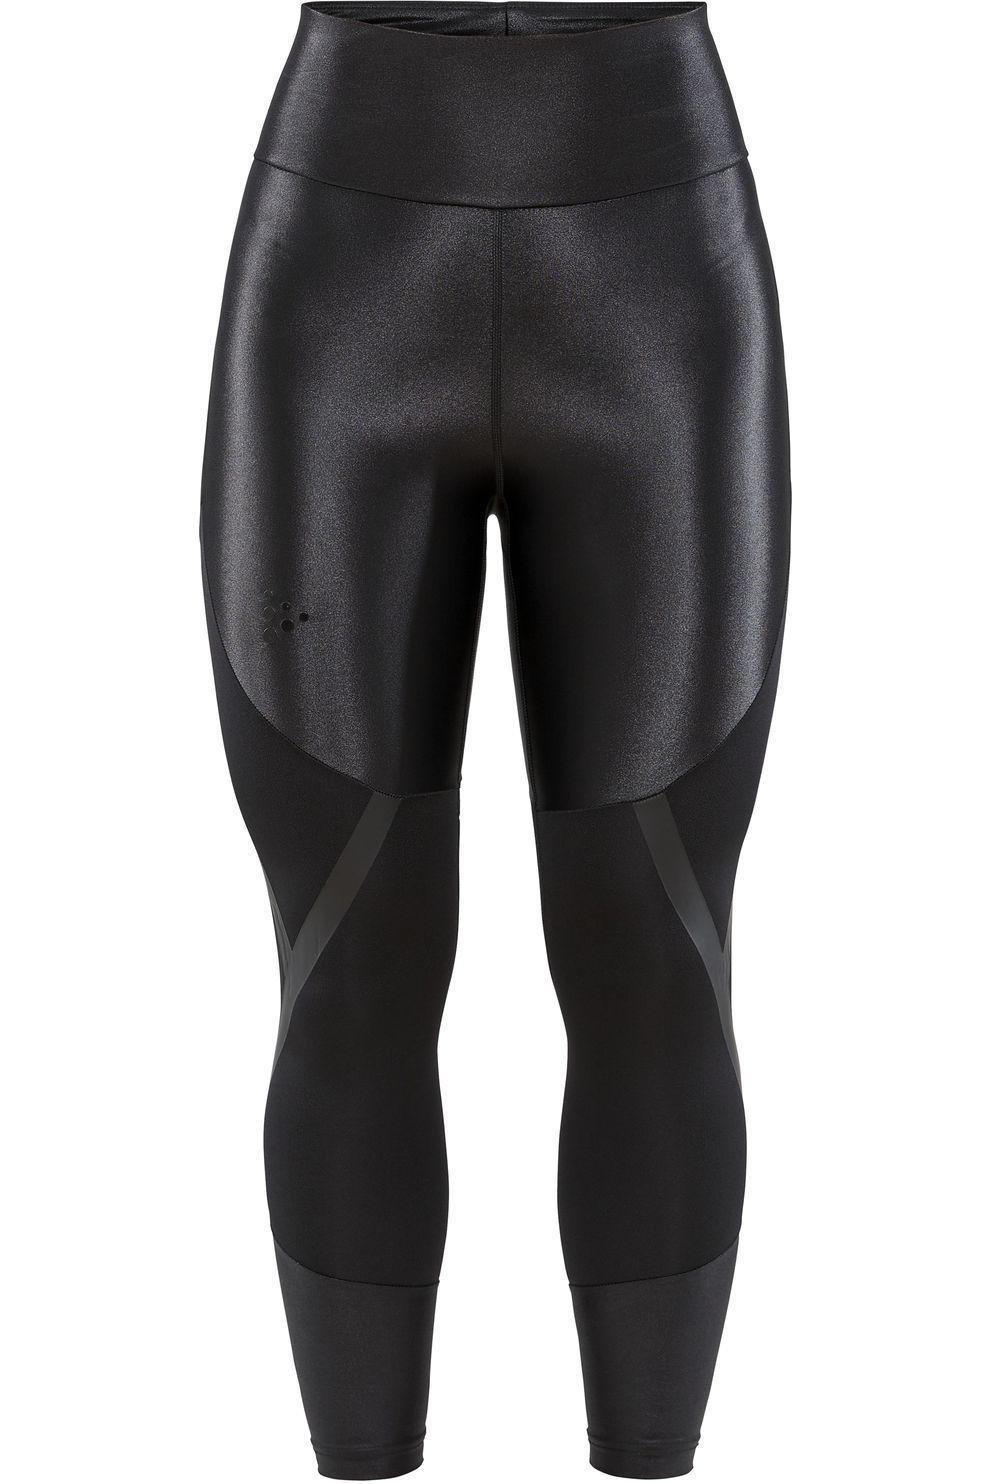 Craft Legging Asome High Waist Tights W voor dames - Zwart - Maten: M, L - Nieuwe collectie